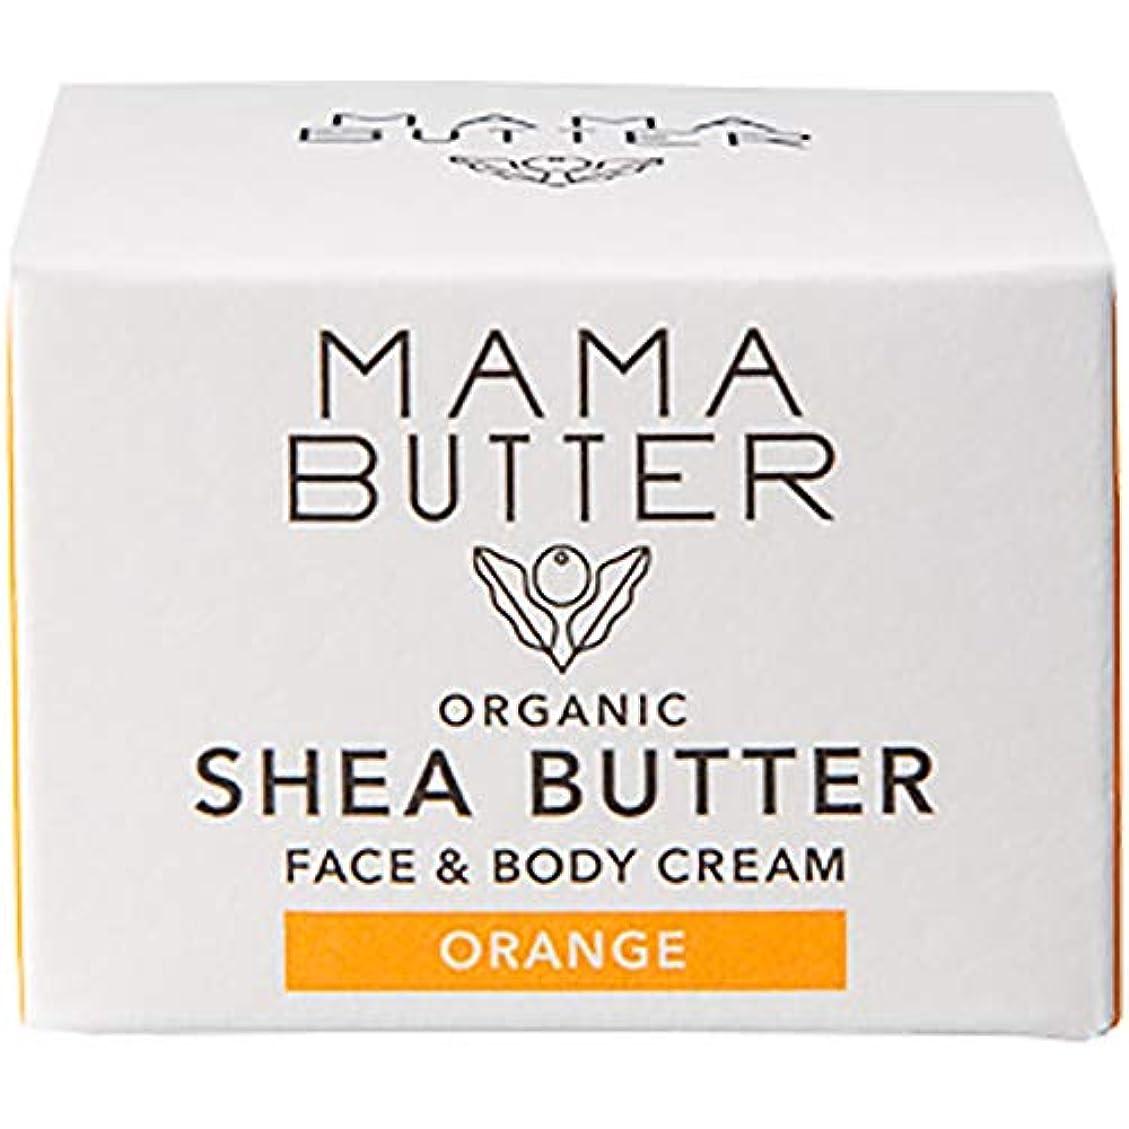 悲惨な上ふざけたMAMA BUTTER(ママバター) フェイス&ボディクリーム25g オレンジ